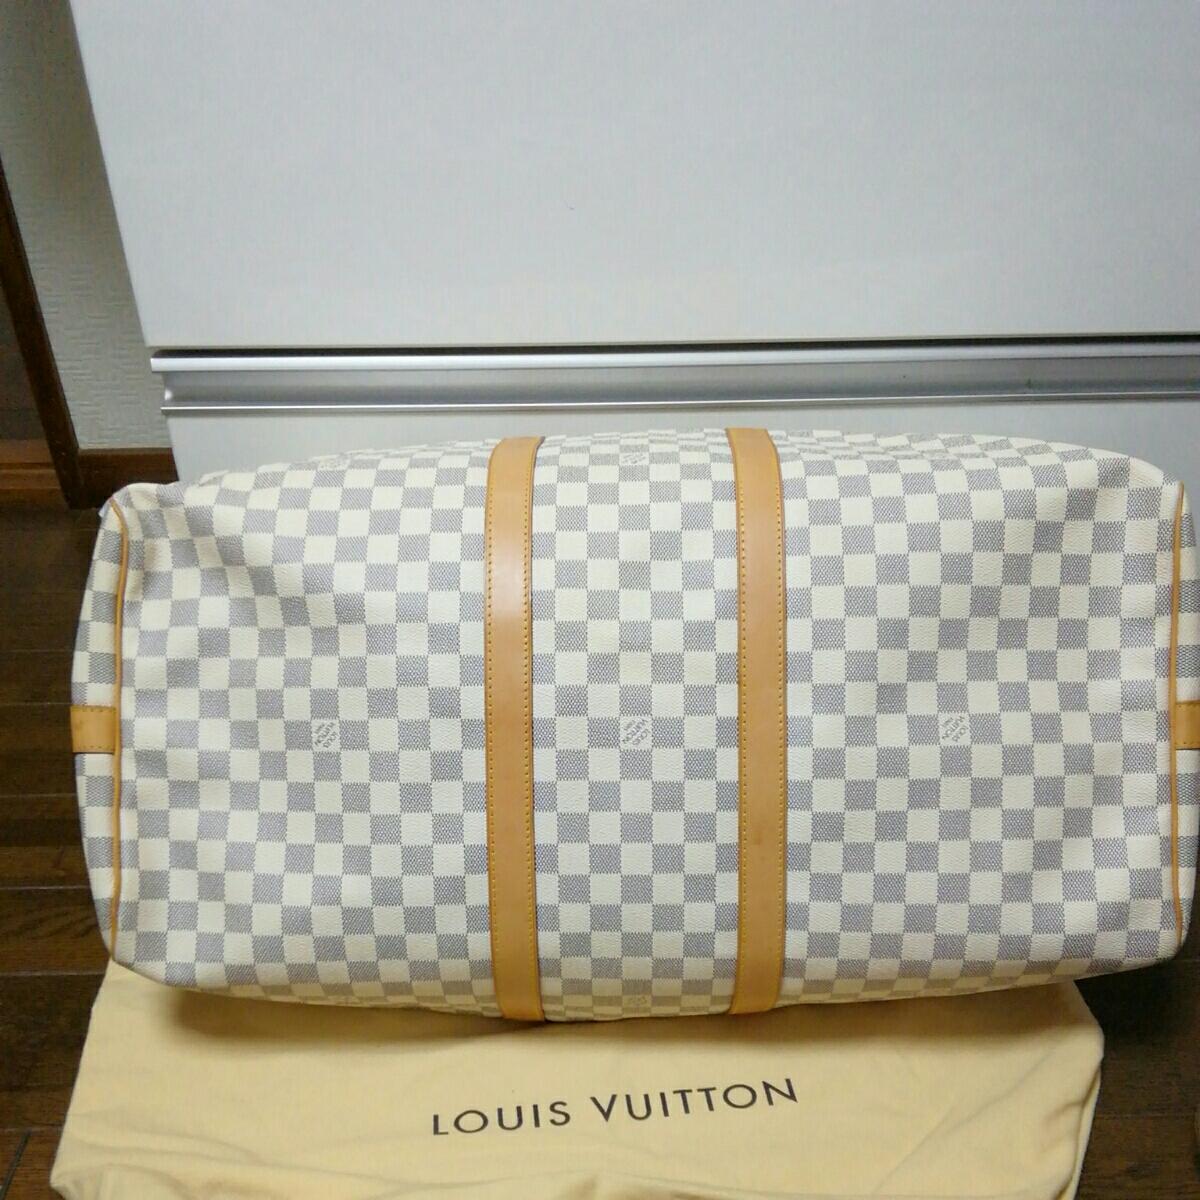 美品 LOUIS VUITTON ルイ ヴィトン ダミエ アズール キーポル バンドリエール 55 ボストン バッグ 人気 1円スタート MB1016_画像5